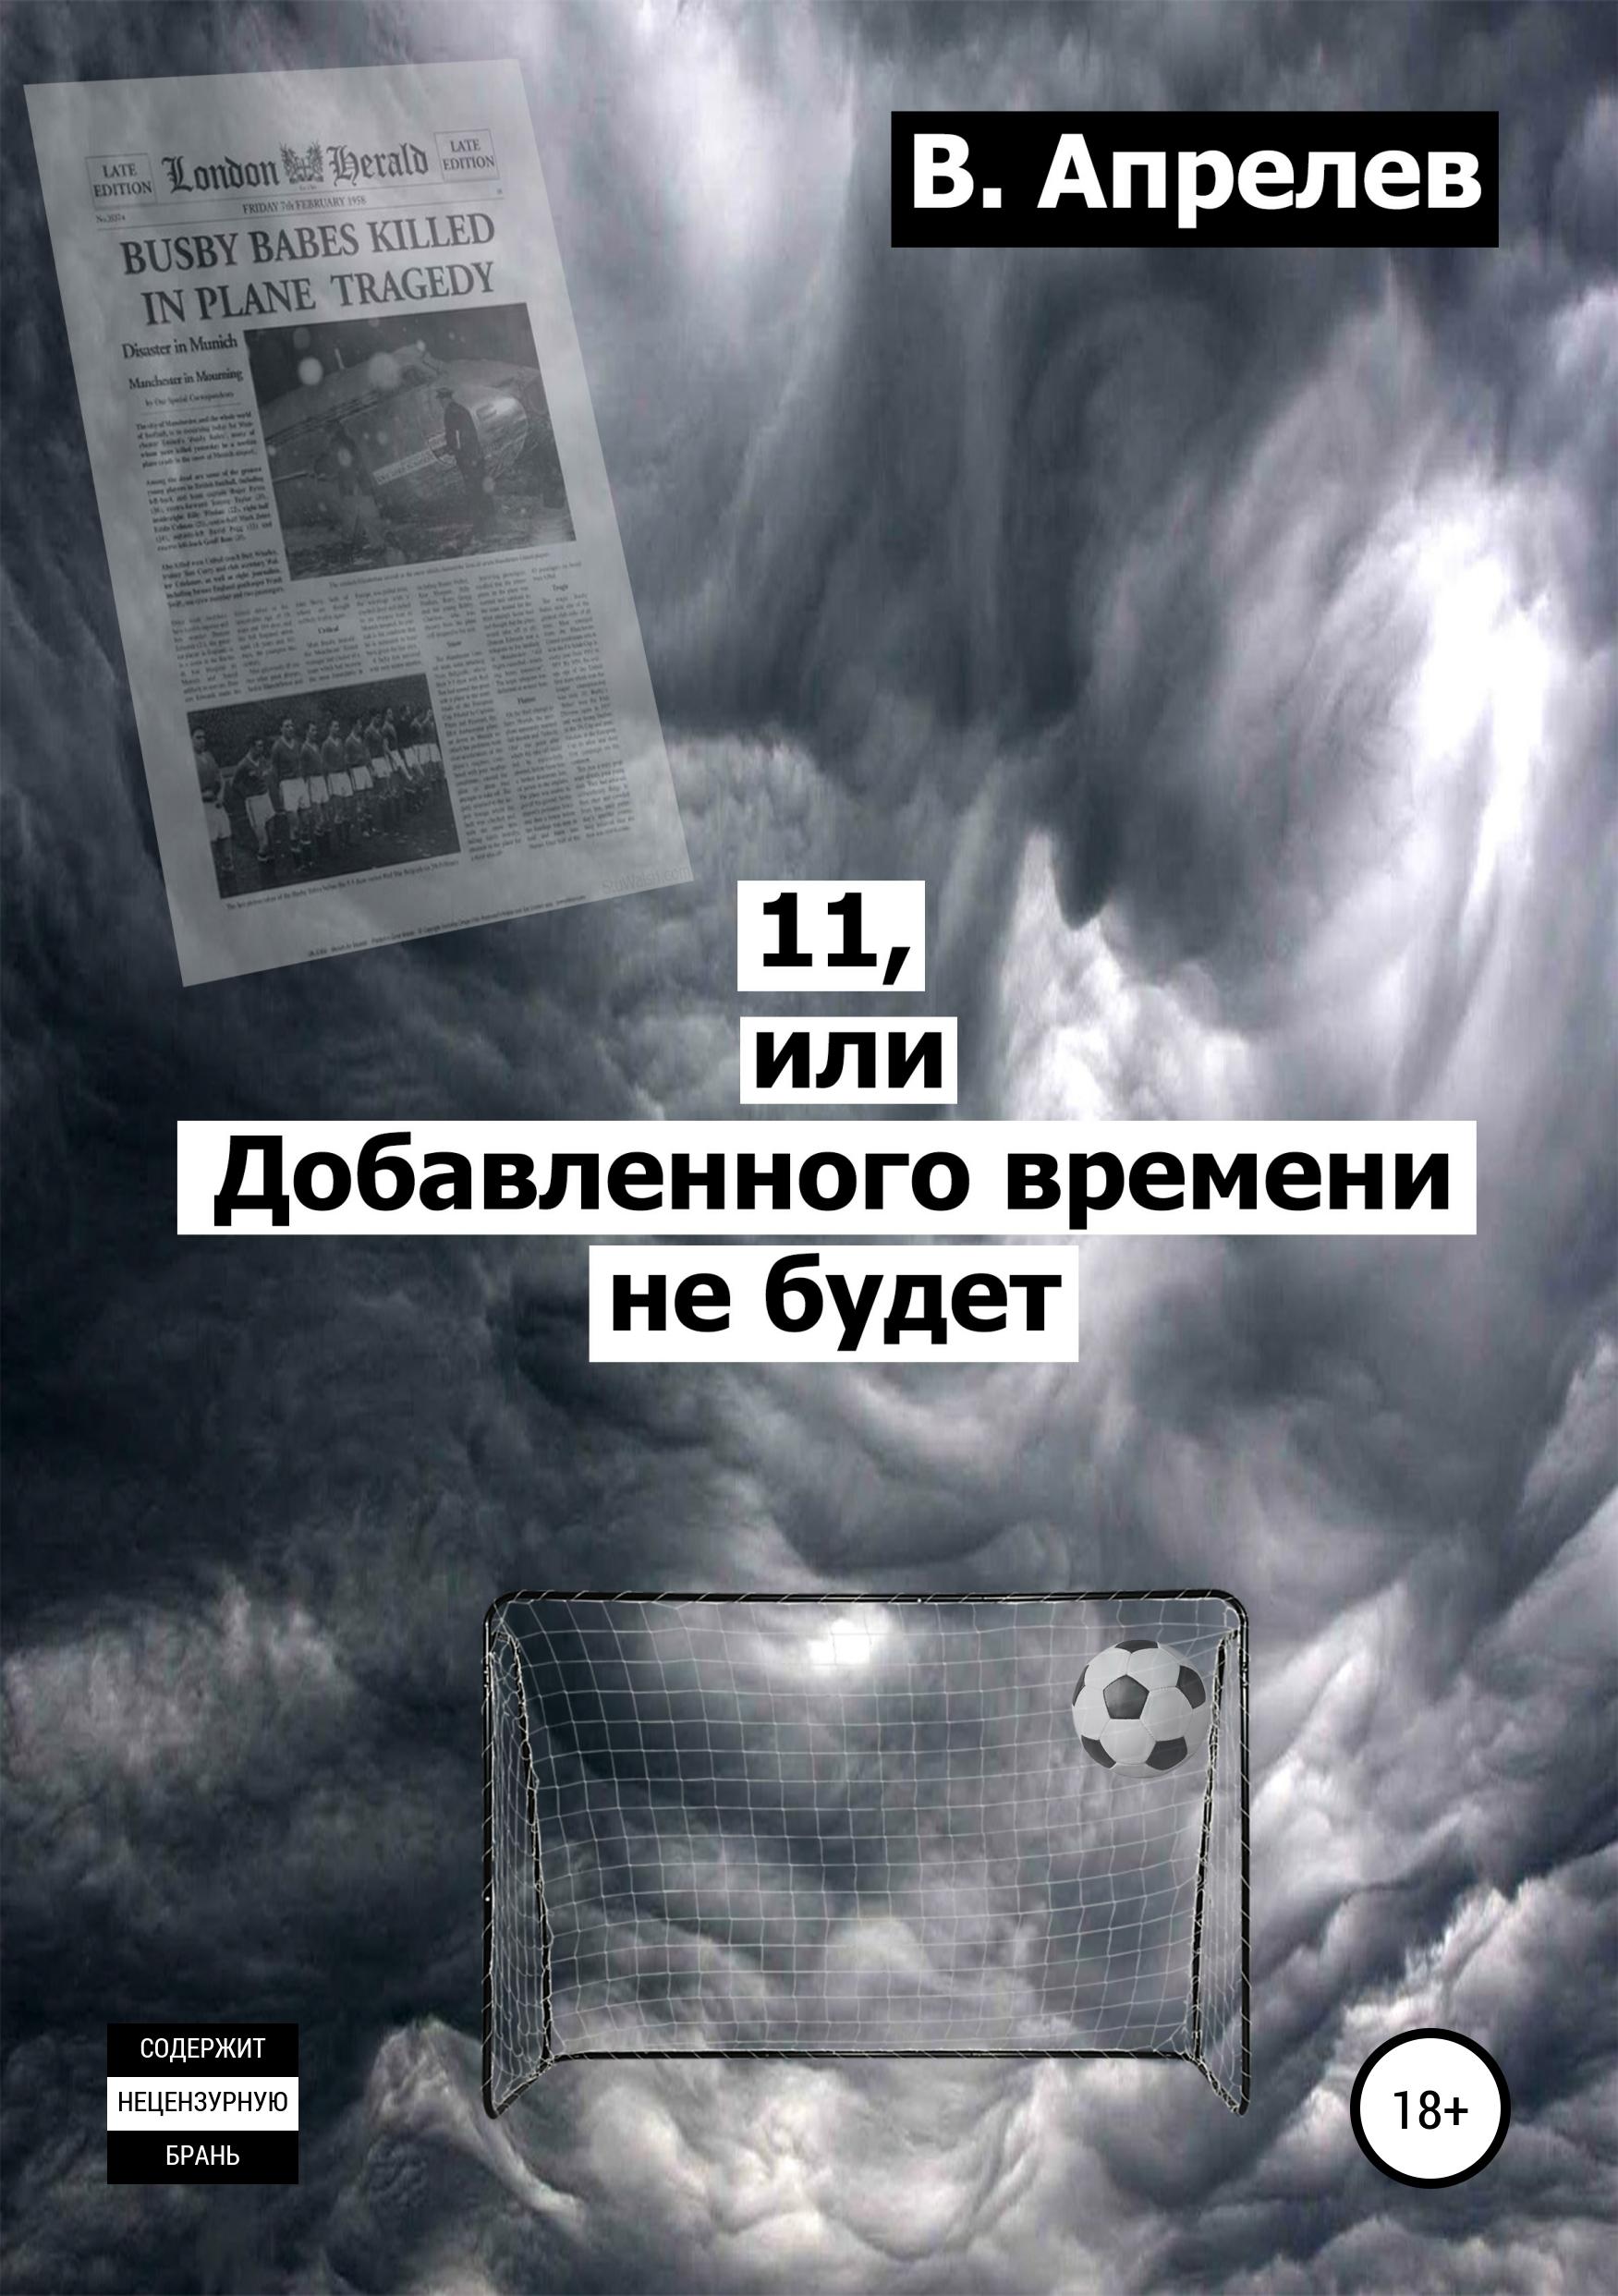 В. Апрелев 11, или Добавленного времени не будет